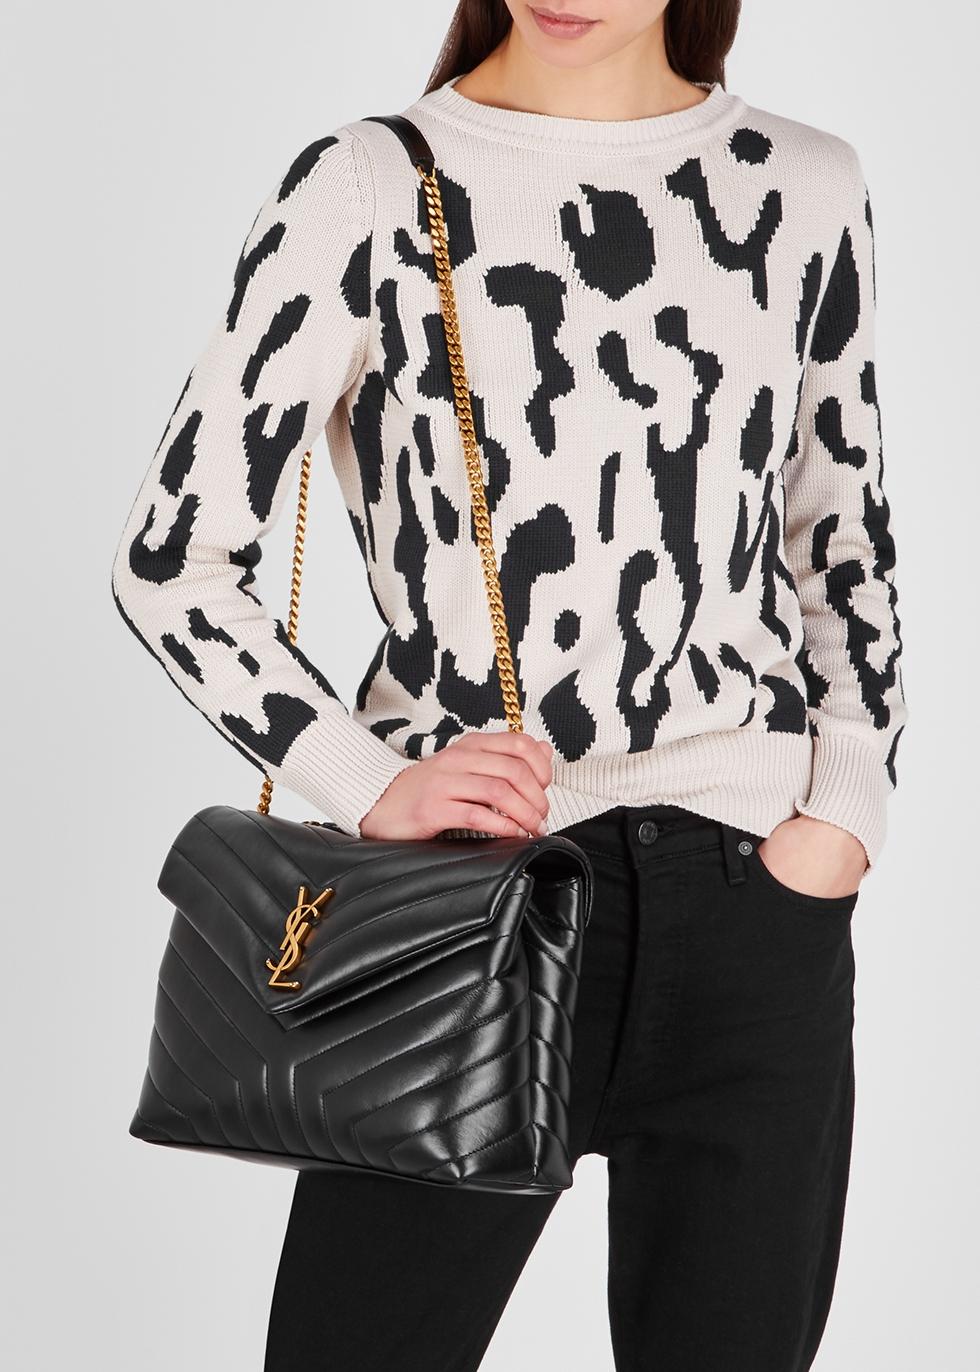 f2e38a95c3c Saint Laurent Loulou medium black leather shoulder bag - Harvey Nichols